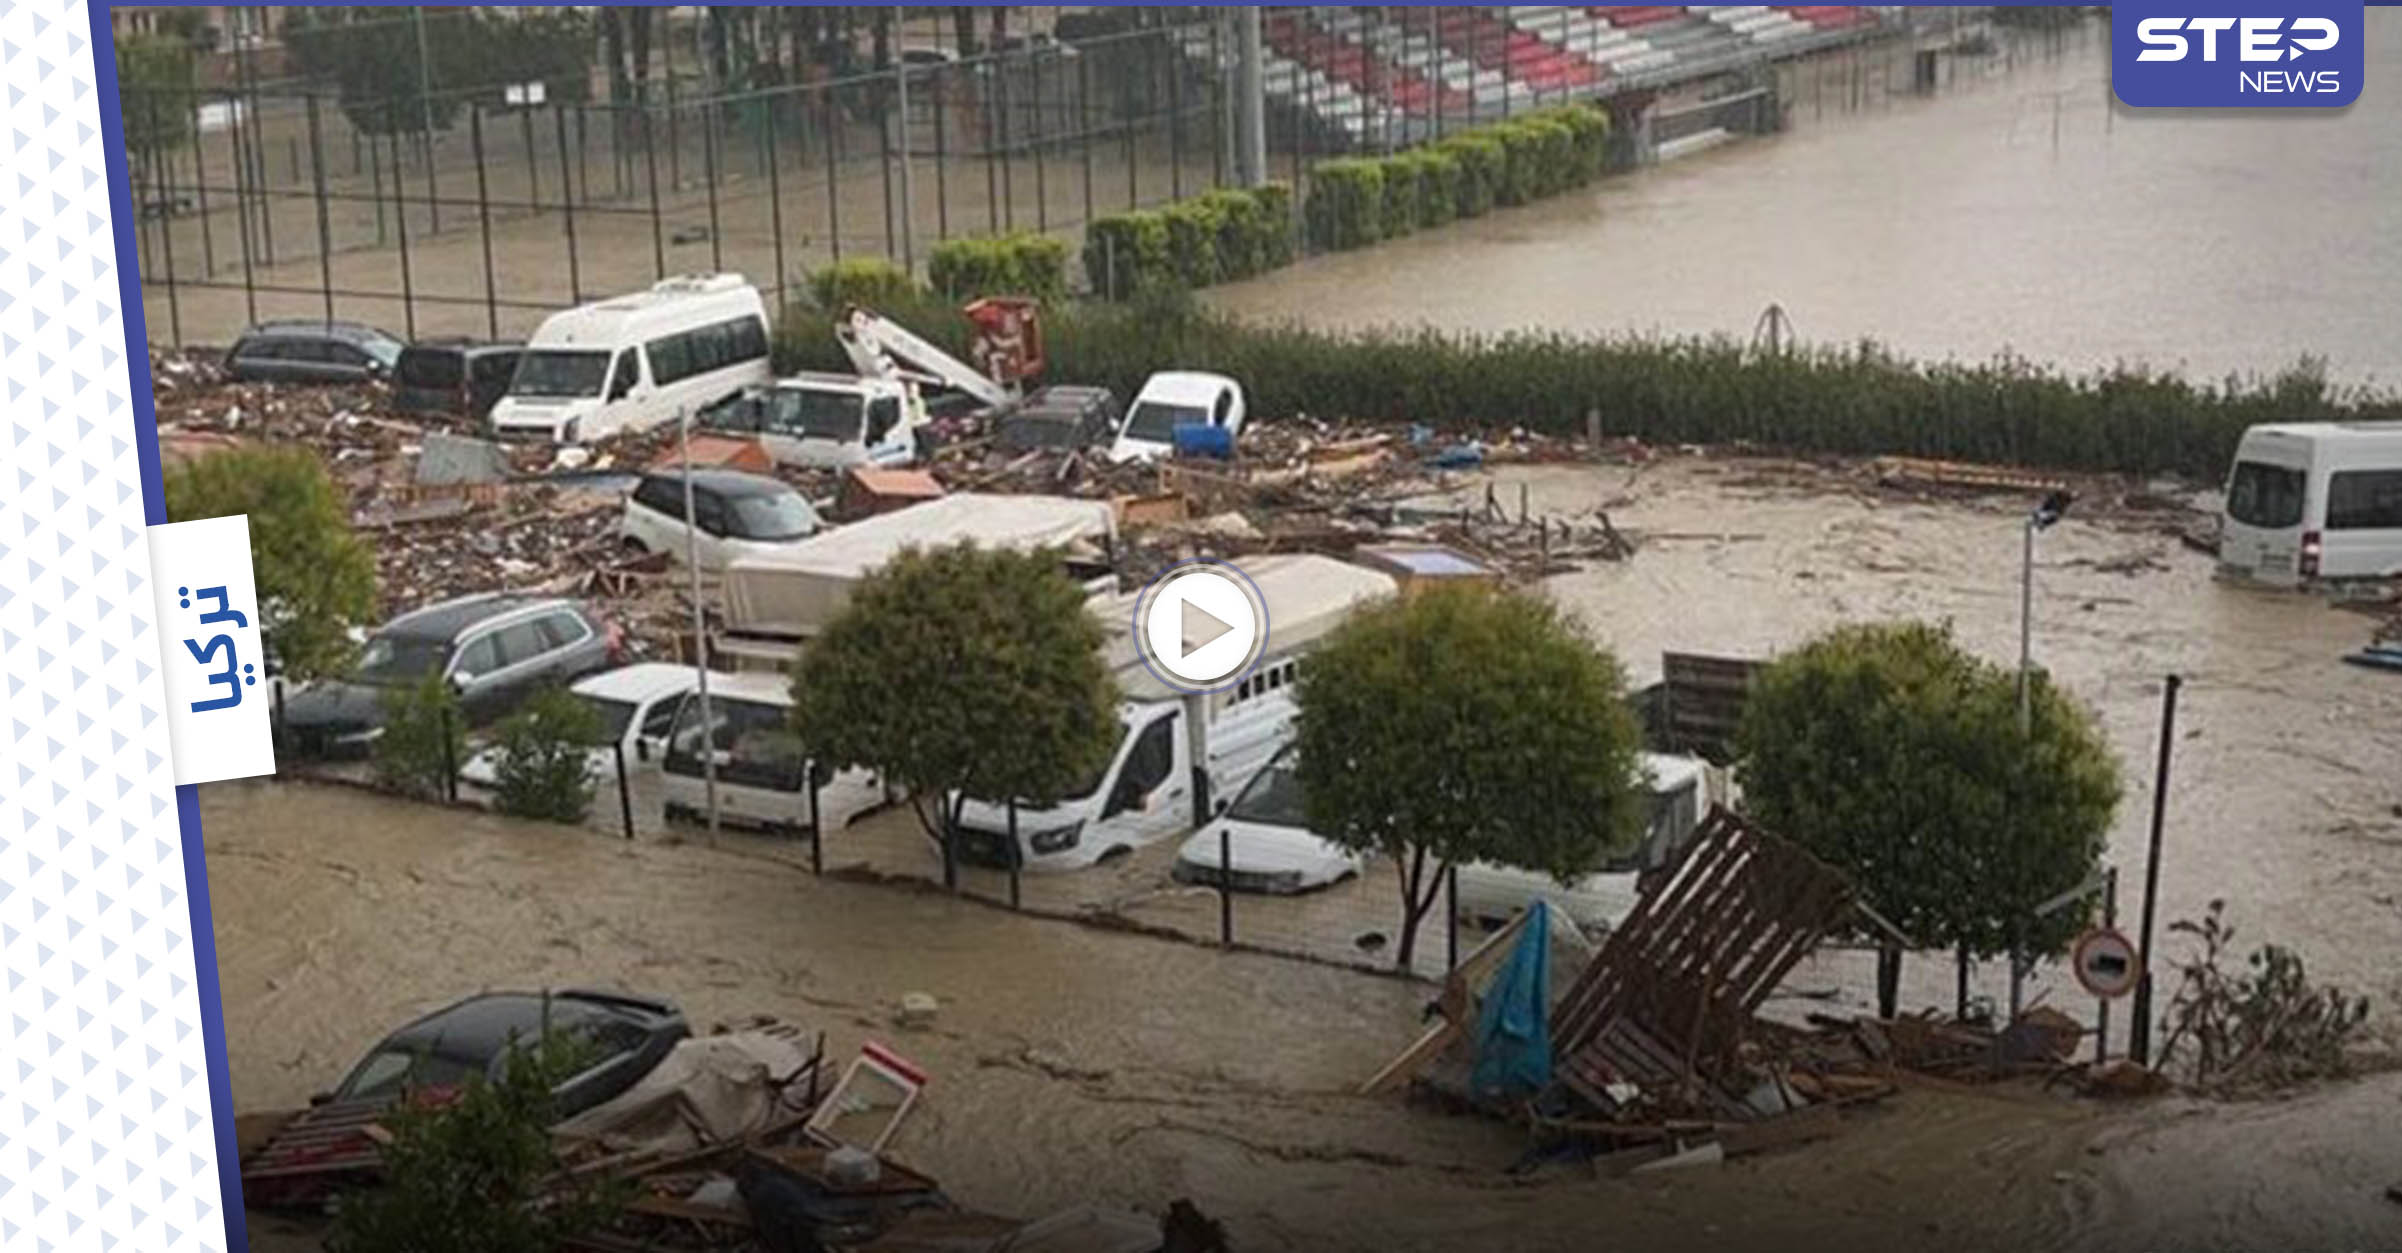 بالفيديو|| فيضانات مفاجئة هي الأعنف منذ عقود تجتاح تركيا شمالاً بالتزامن مع حرائق الجنوب